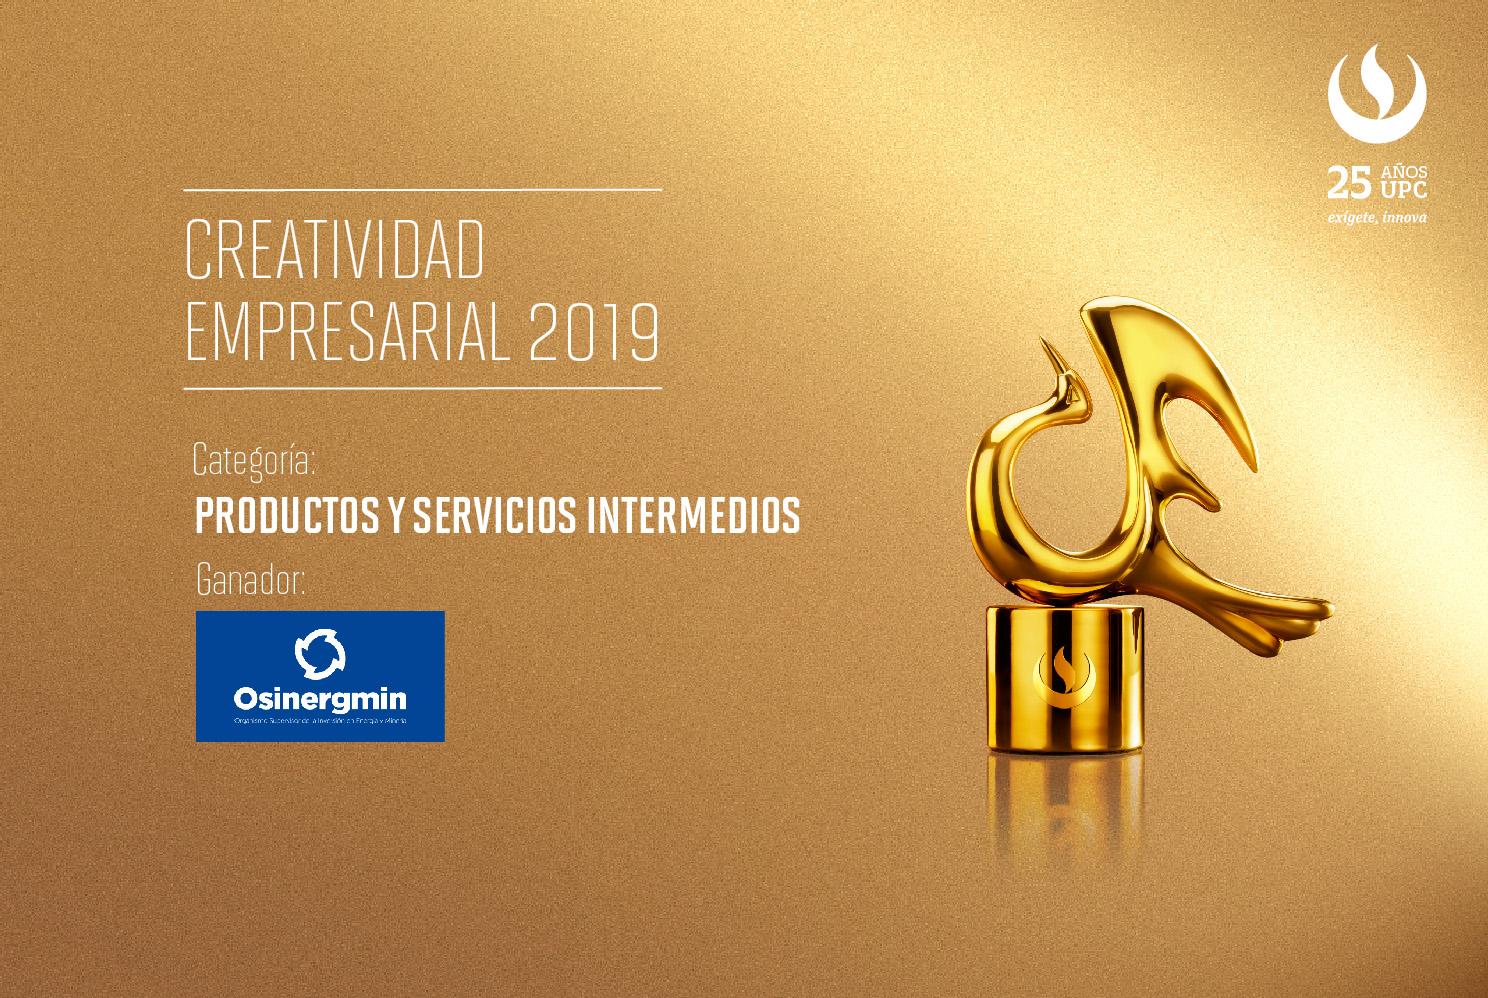 Creatividad Empresarial 2019: Osinergmin fue reconocido en la categoría Productos y Servicios Intermedios